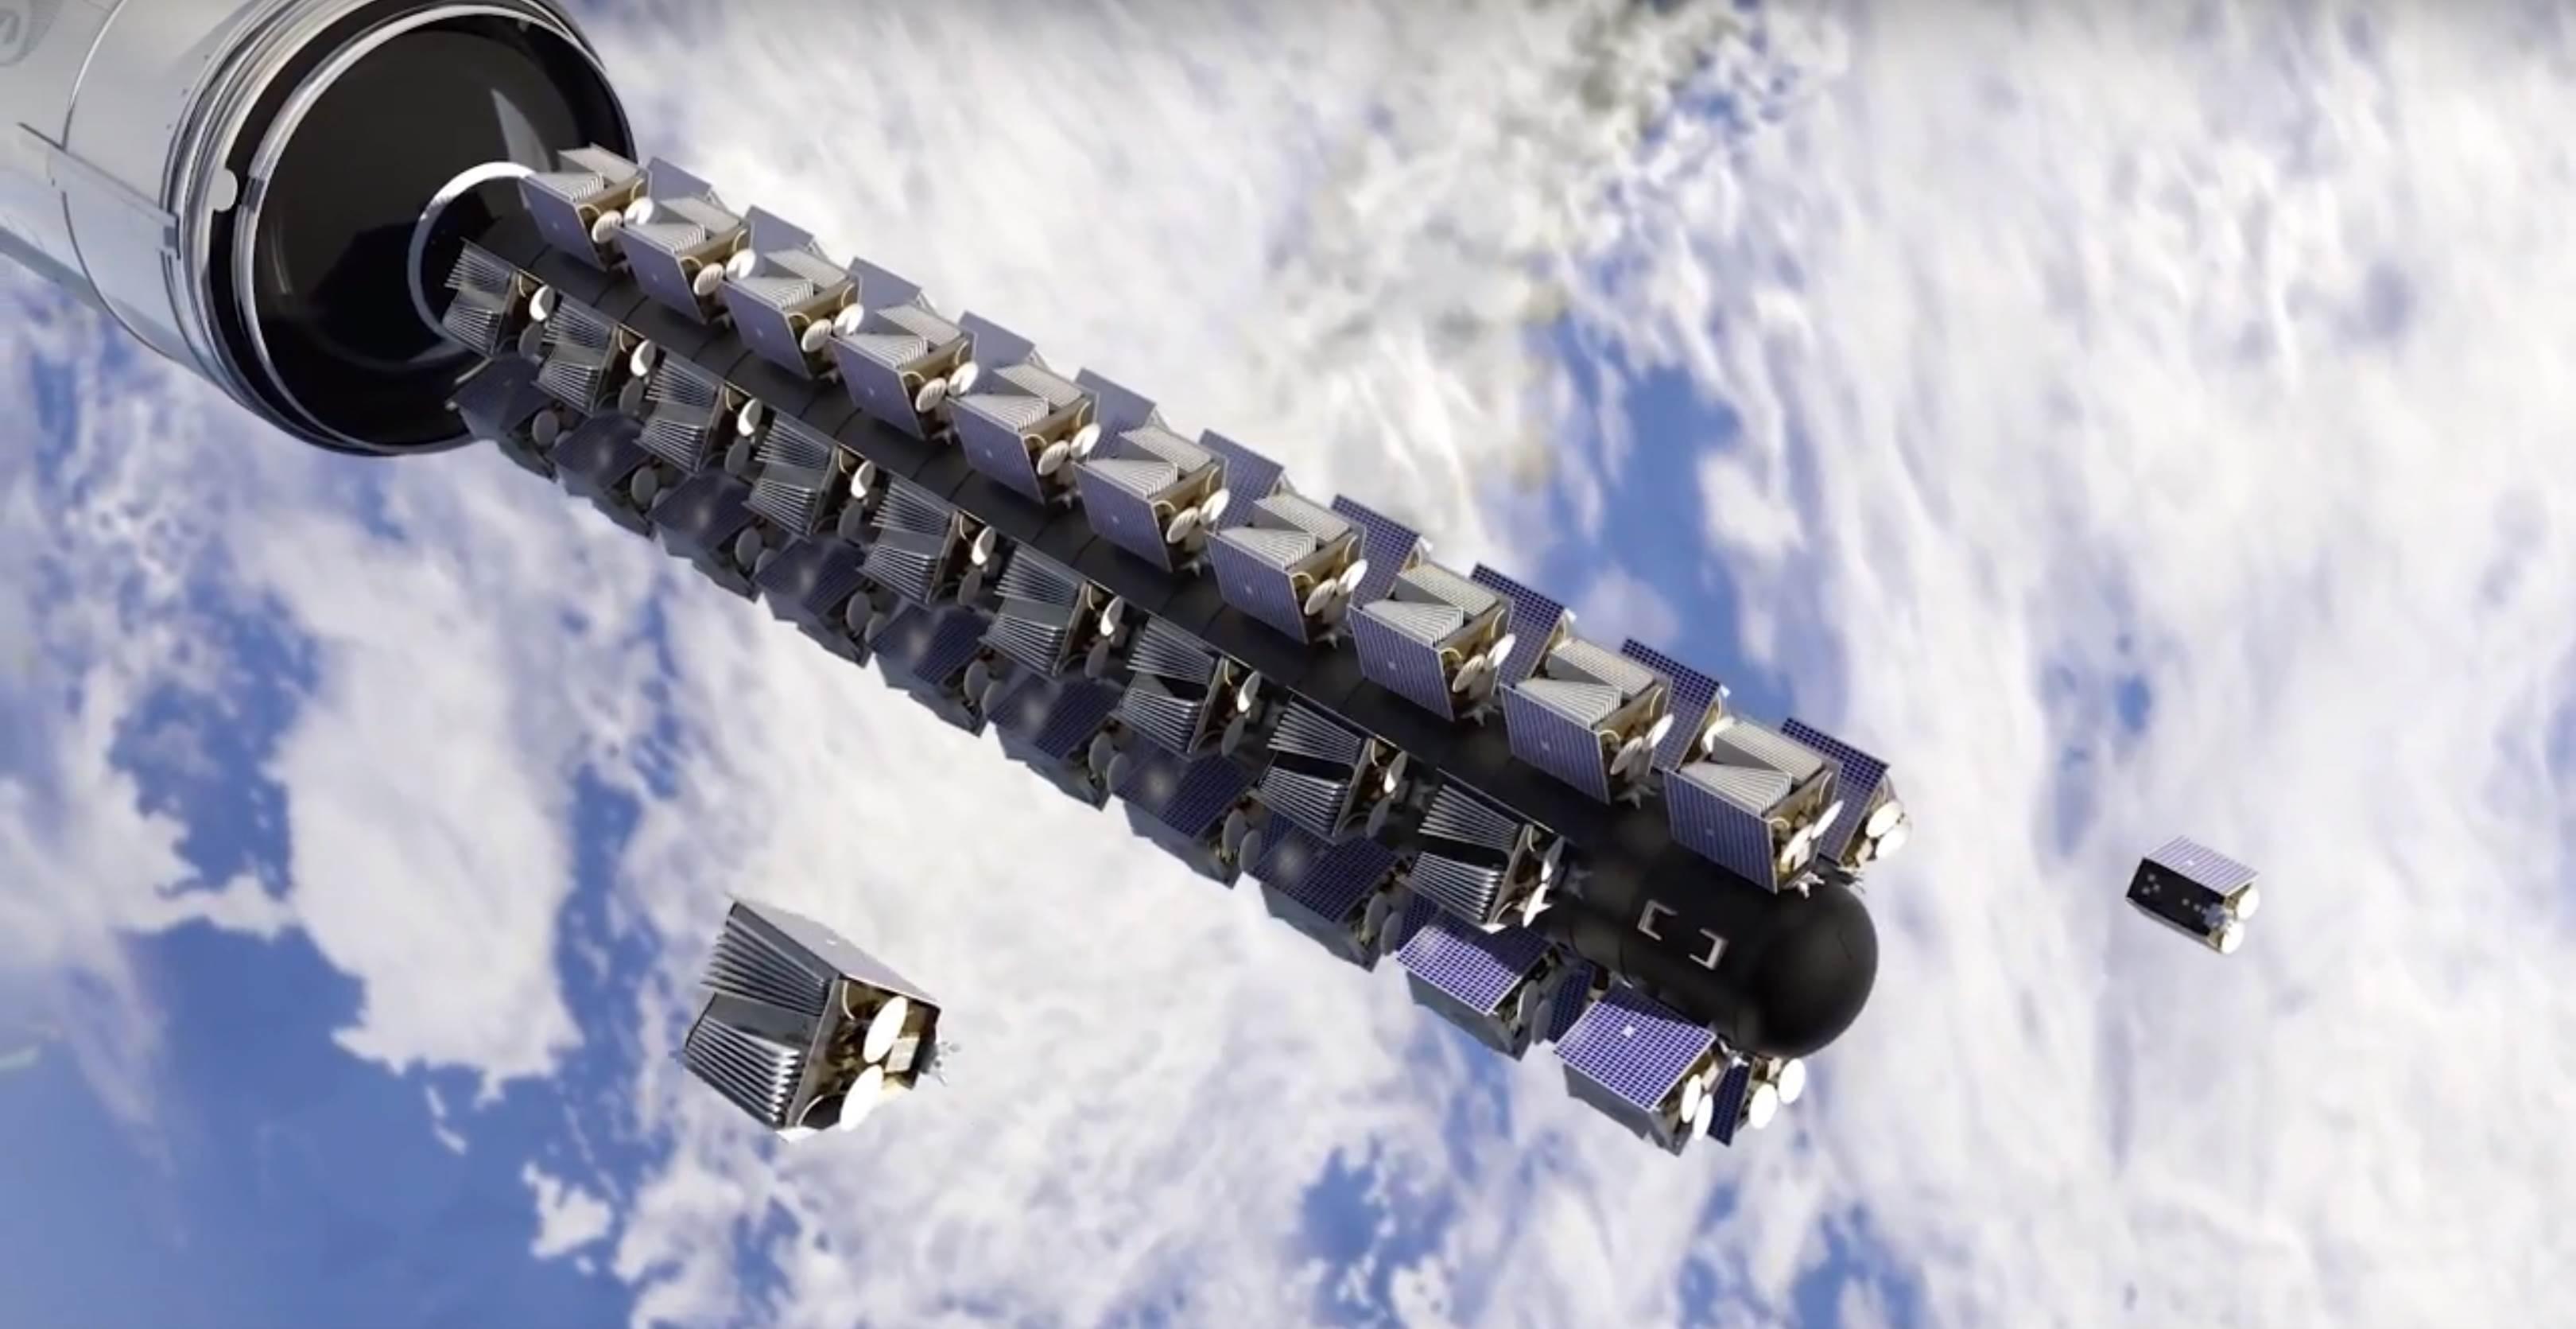 Ariane 6 OneWeb constellation dispenser (Arianespace) 6